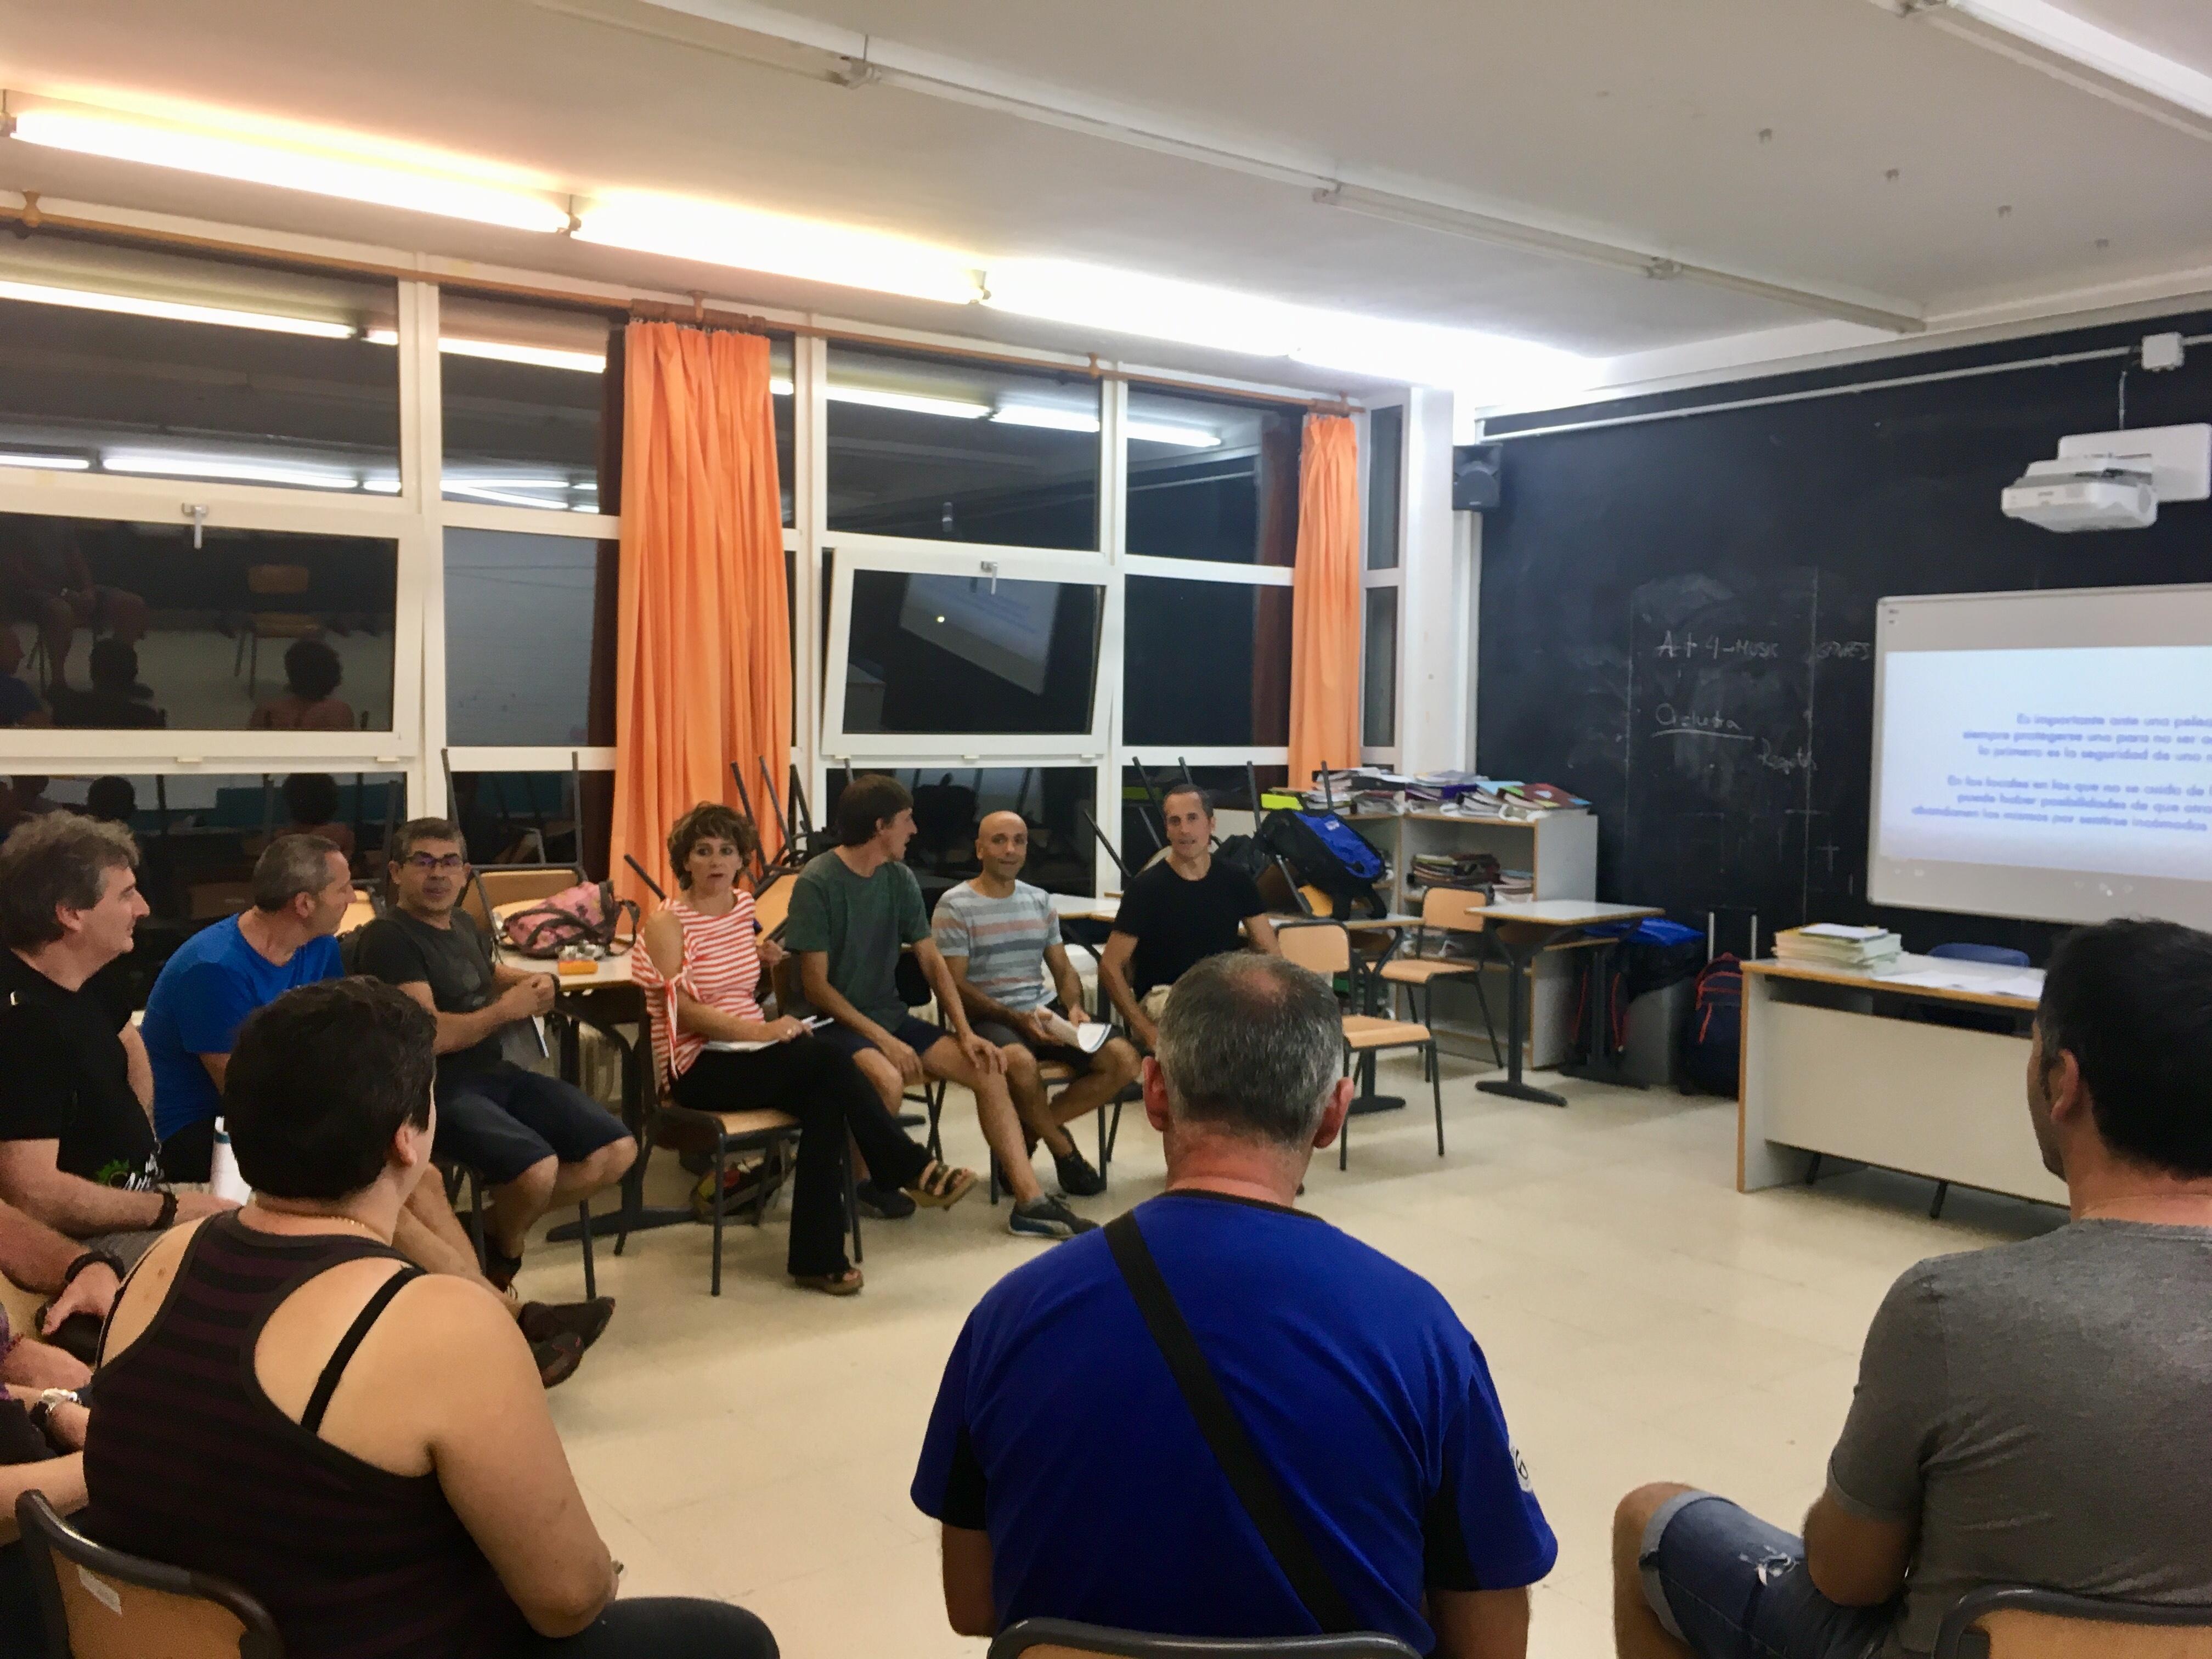 Formación en reducción de riesgos asociados al consumo de drogas dirigida a personas que van a trabajar en Nafarroa Oinez como voluntarios